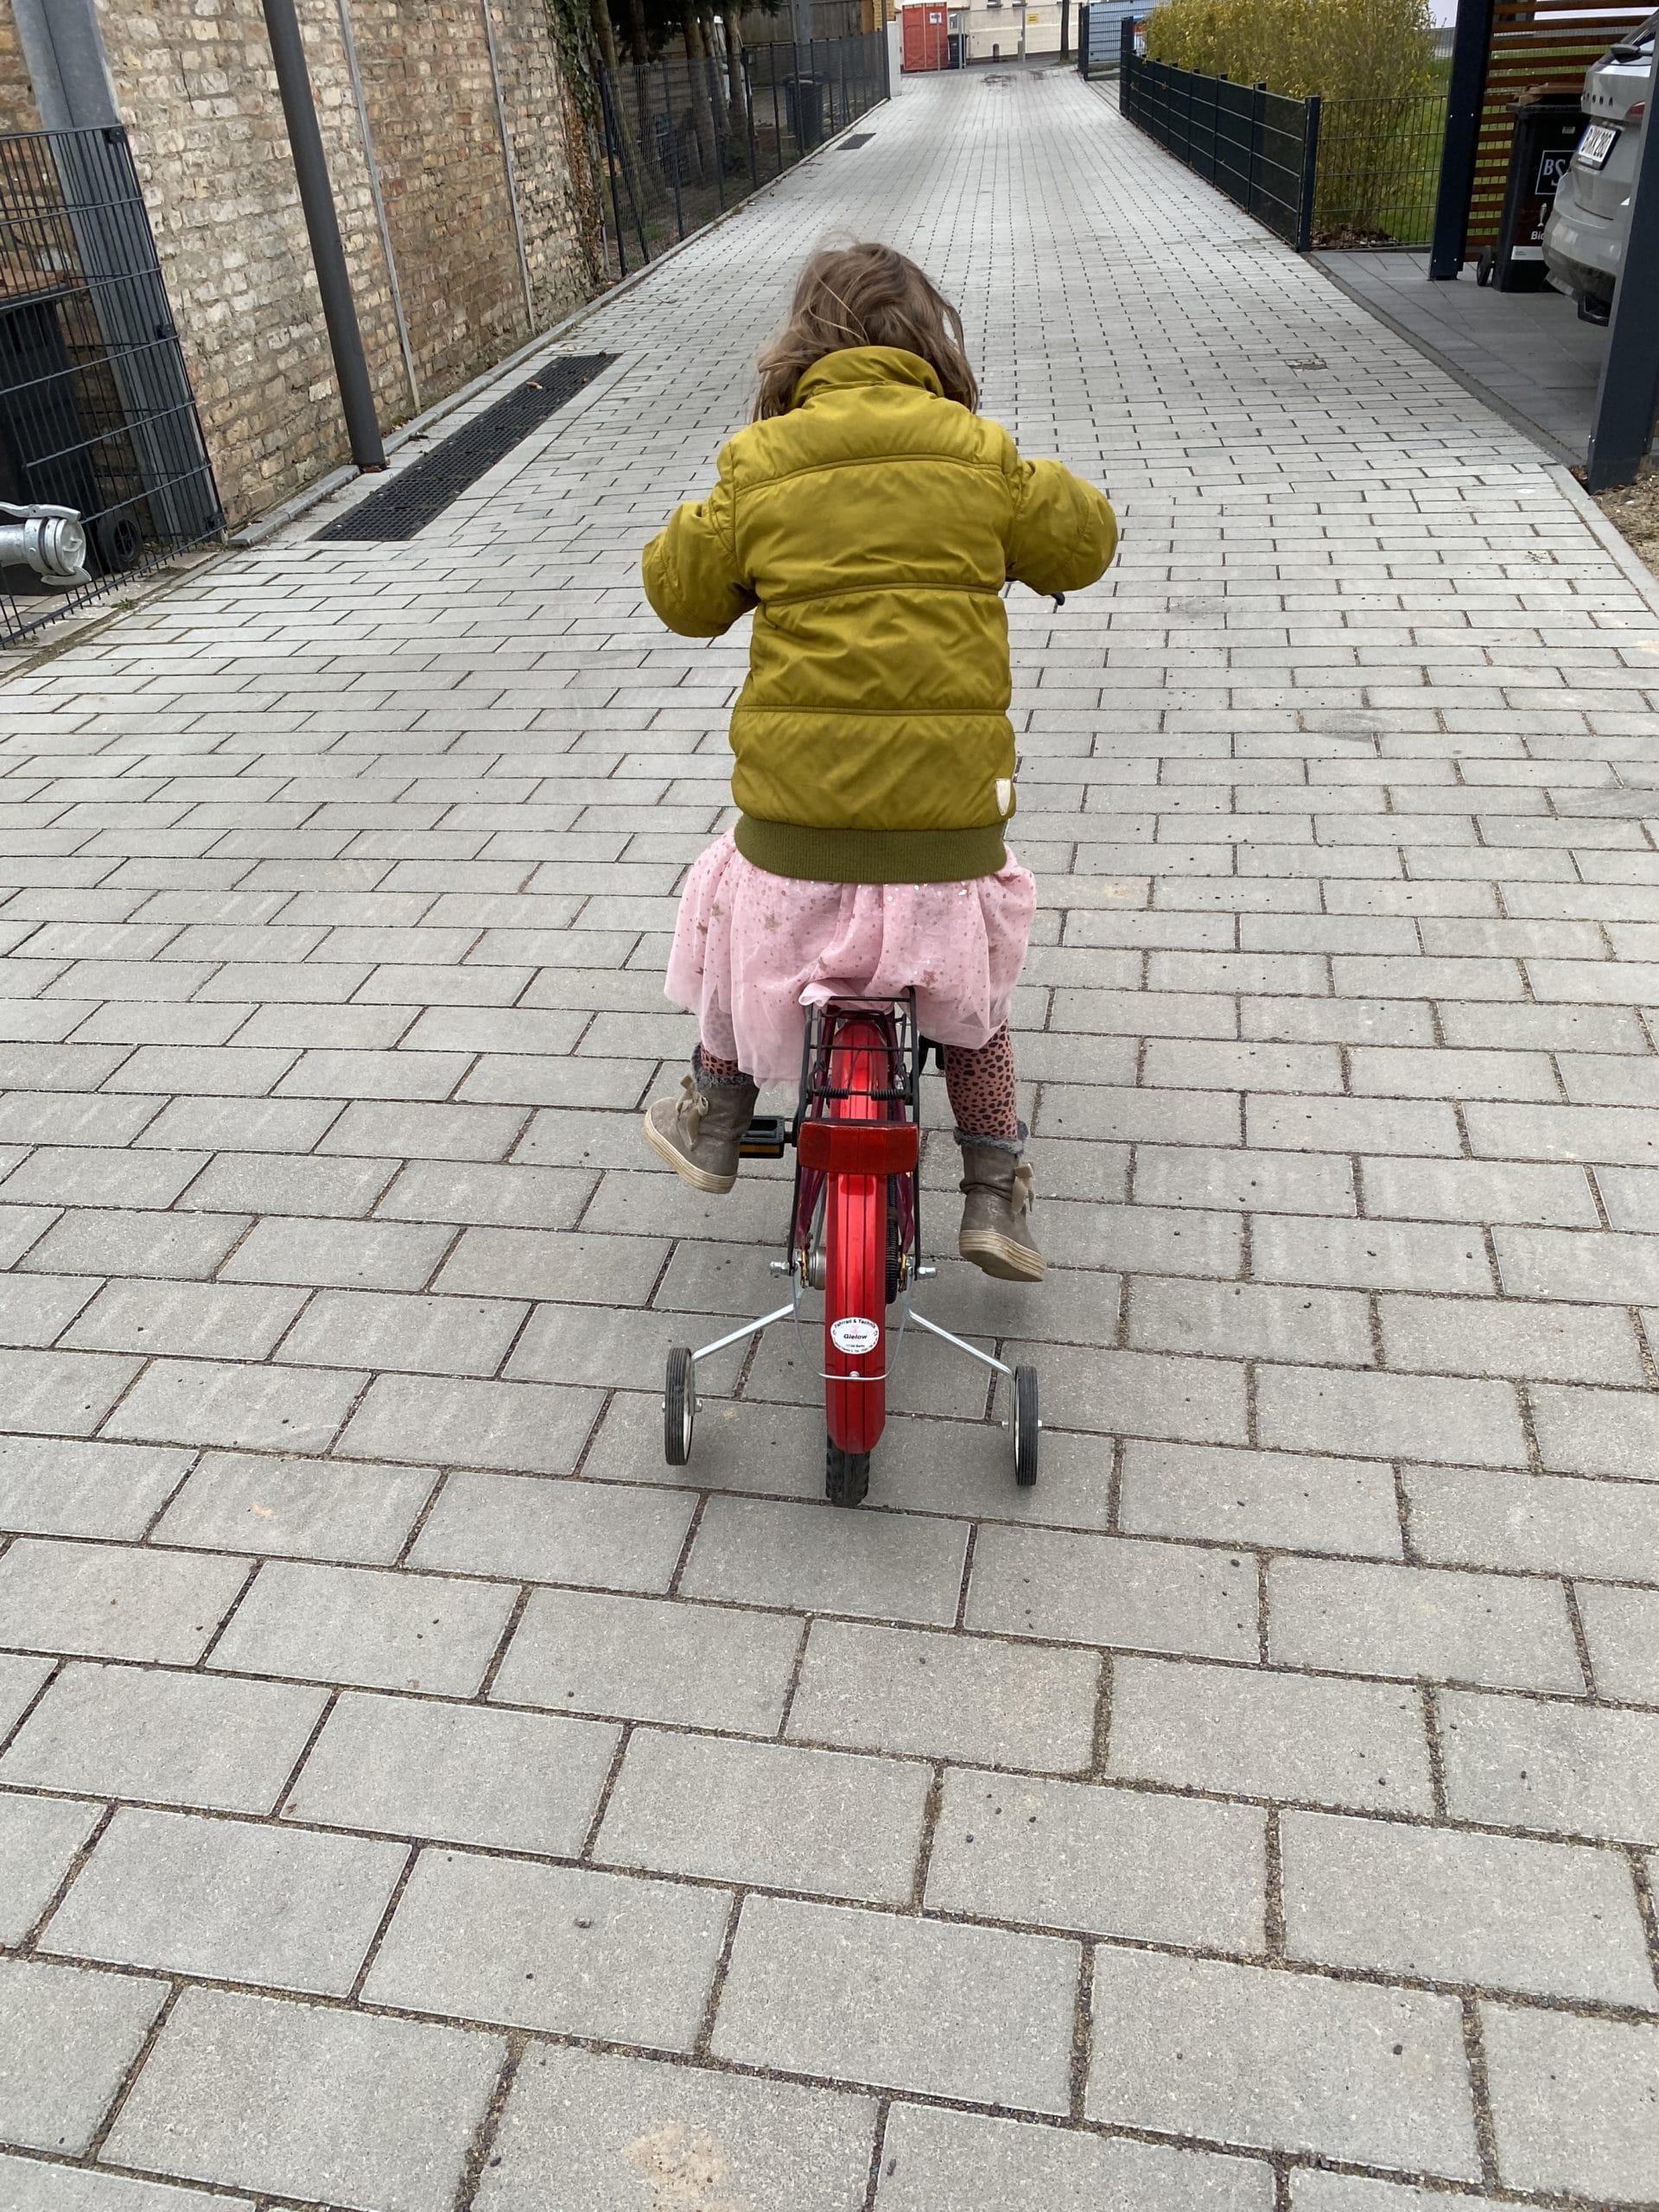 Am Nachmittag üben wir Rad fahren (noch mit Stützrädern). Es geht sehr langsam voran.